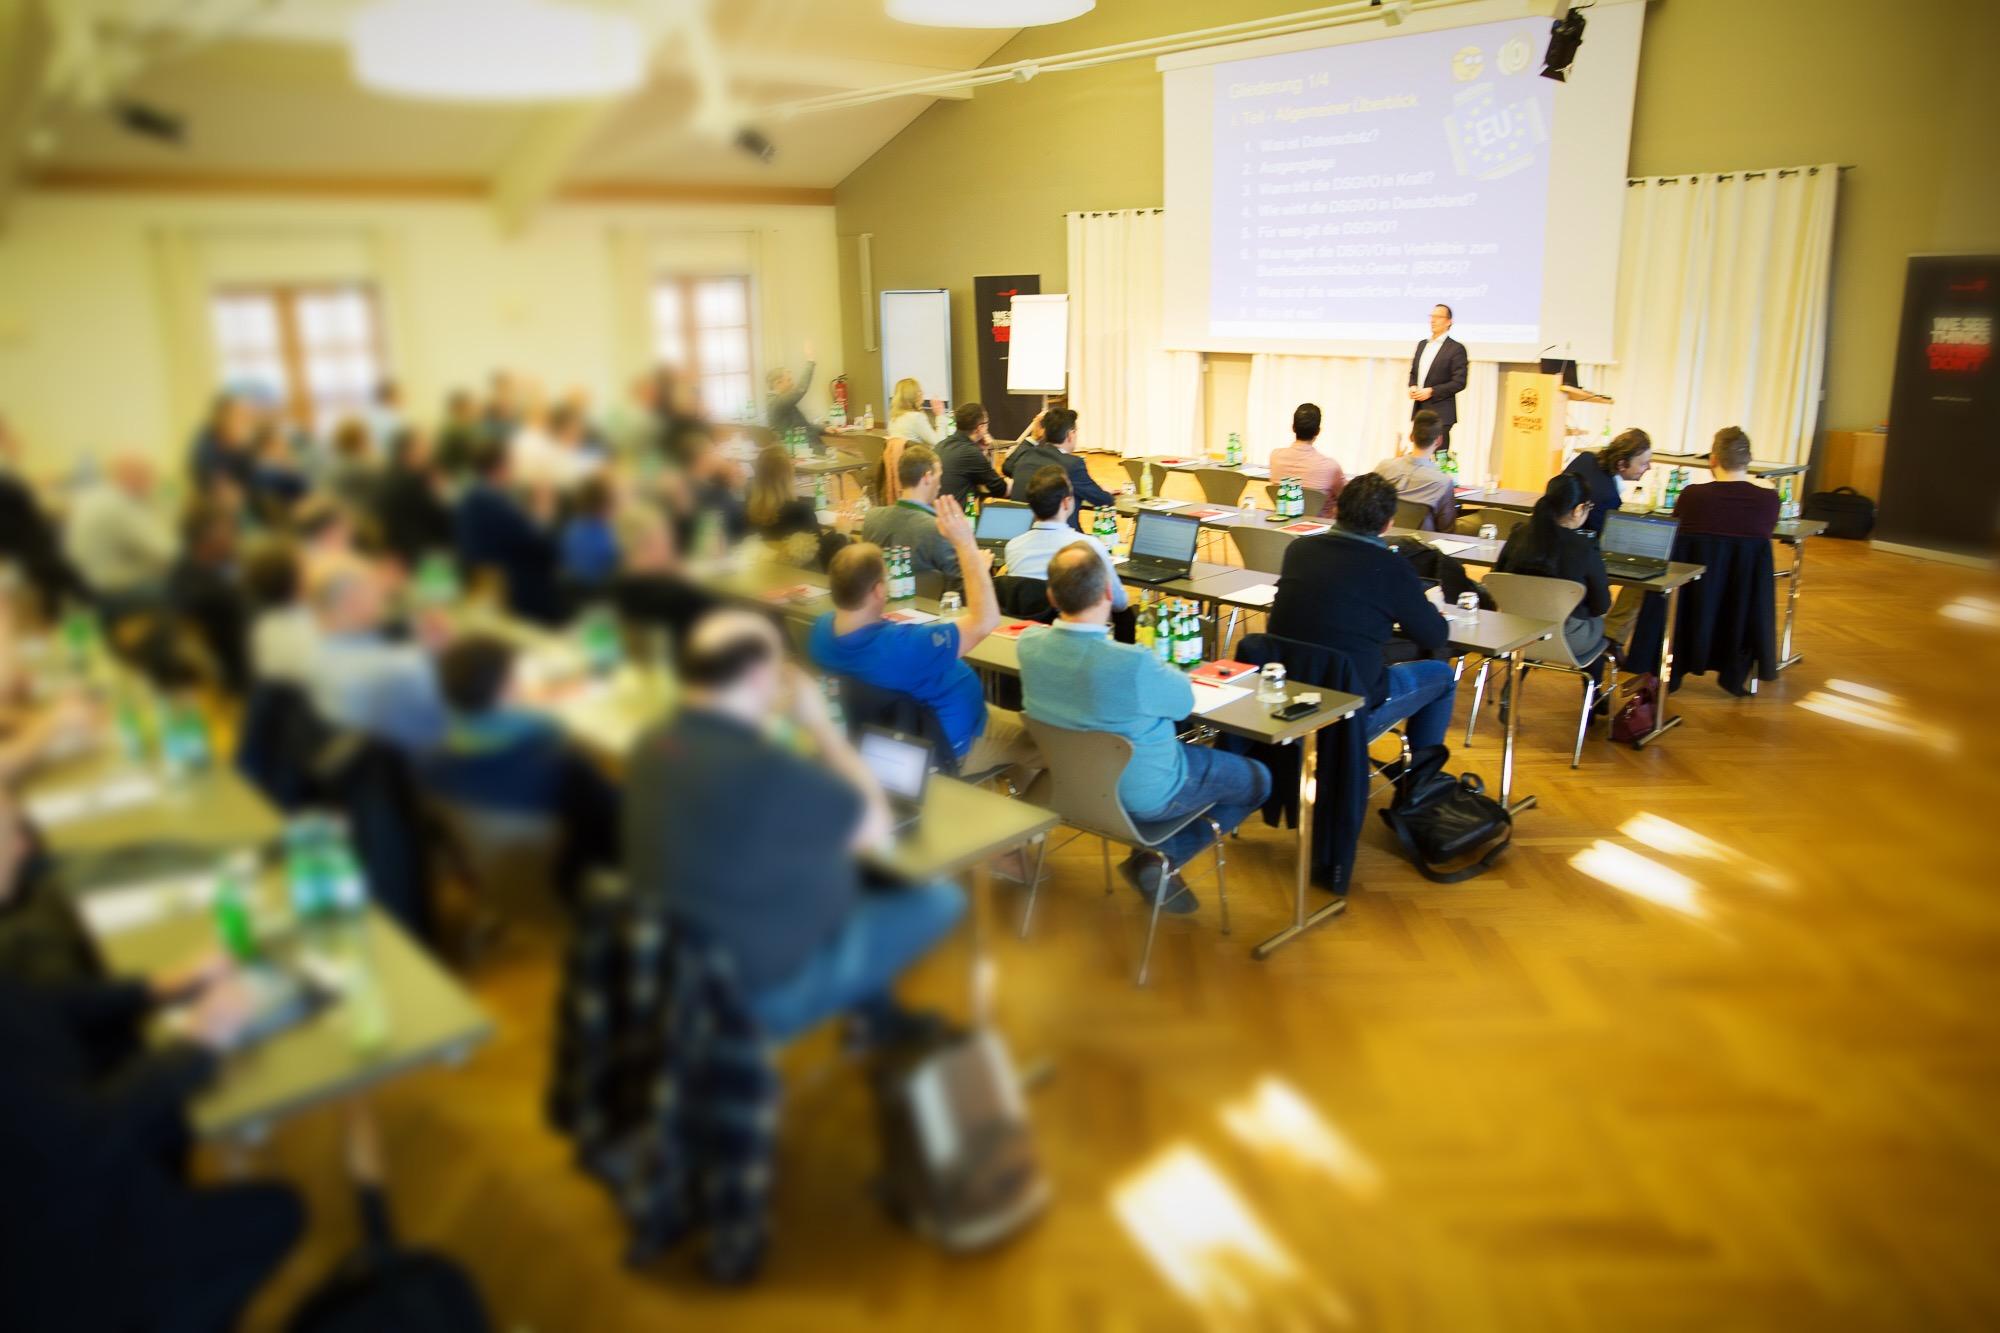 Schulungen und Vorträge zur EU-Datenschutz-Grundverordnung (DSGVO)